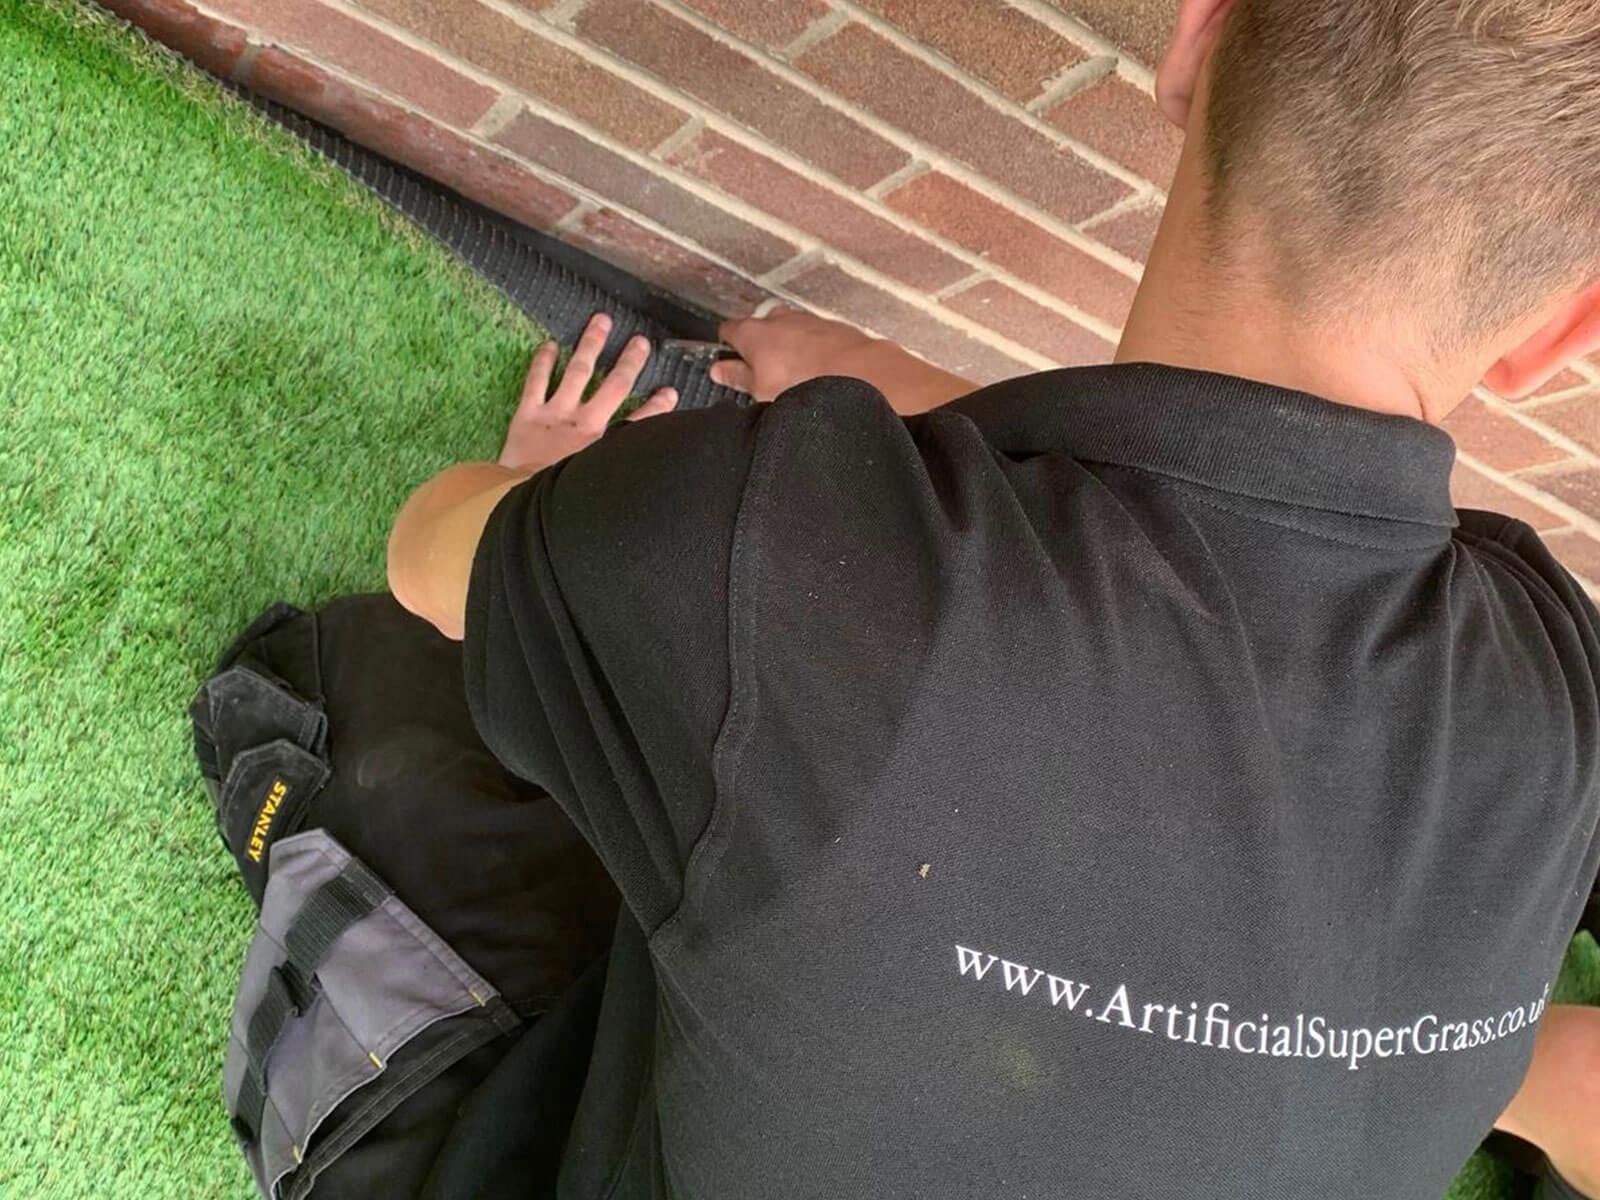 Artificial Grass Suppliers Boroughbridge Artificial Super Grass